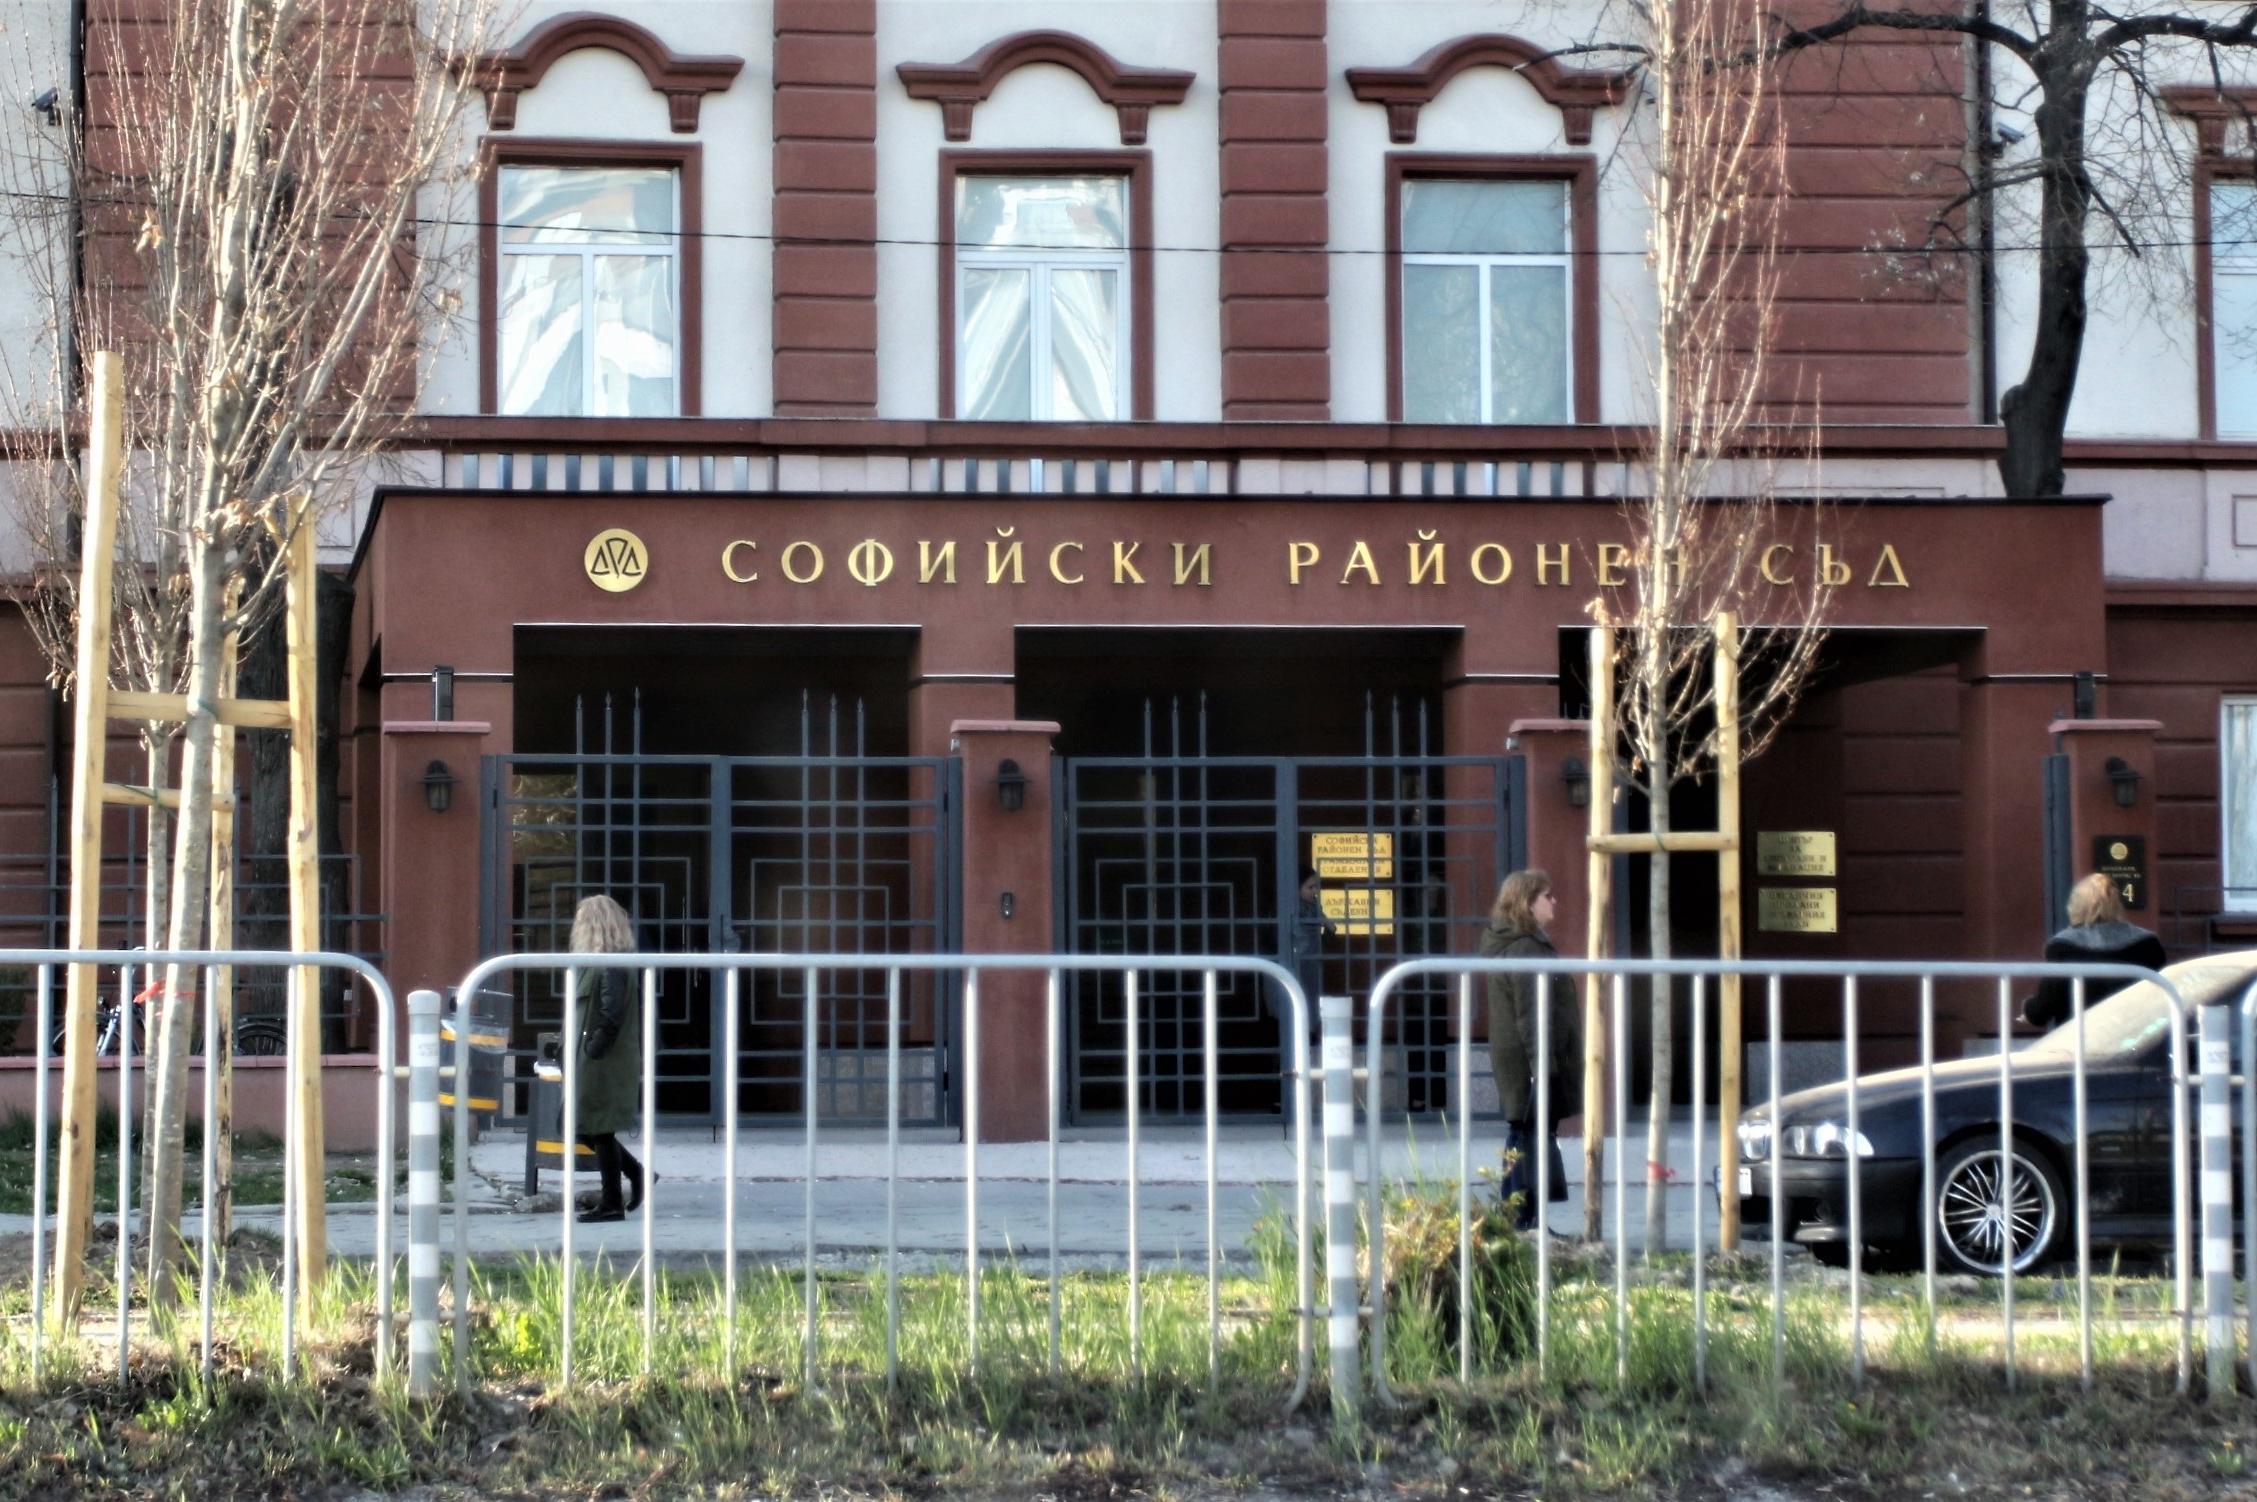 Софийска районна прокуратура задържа за 72 часа мъж, пребил жена и се закан